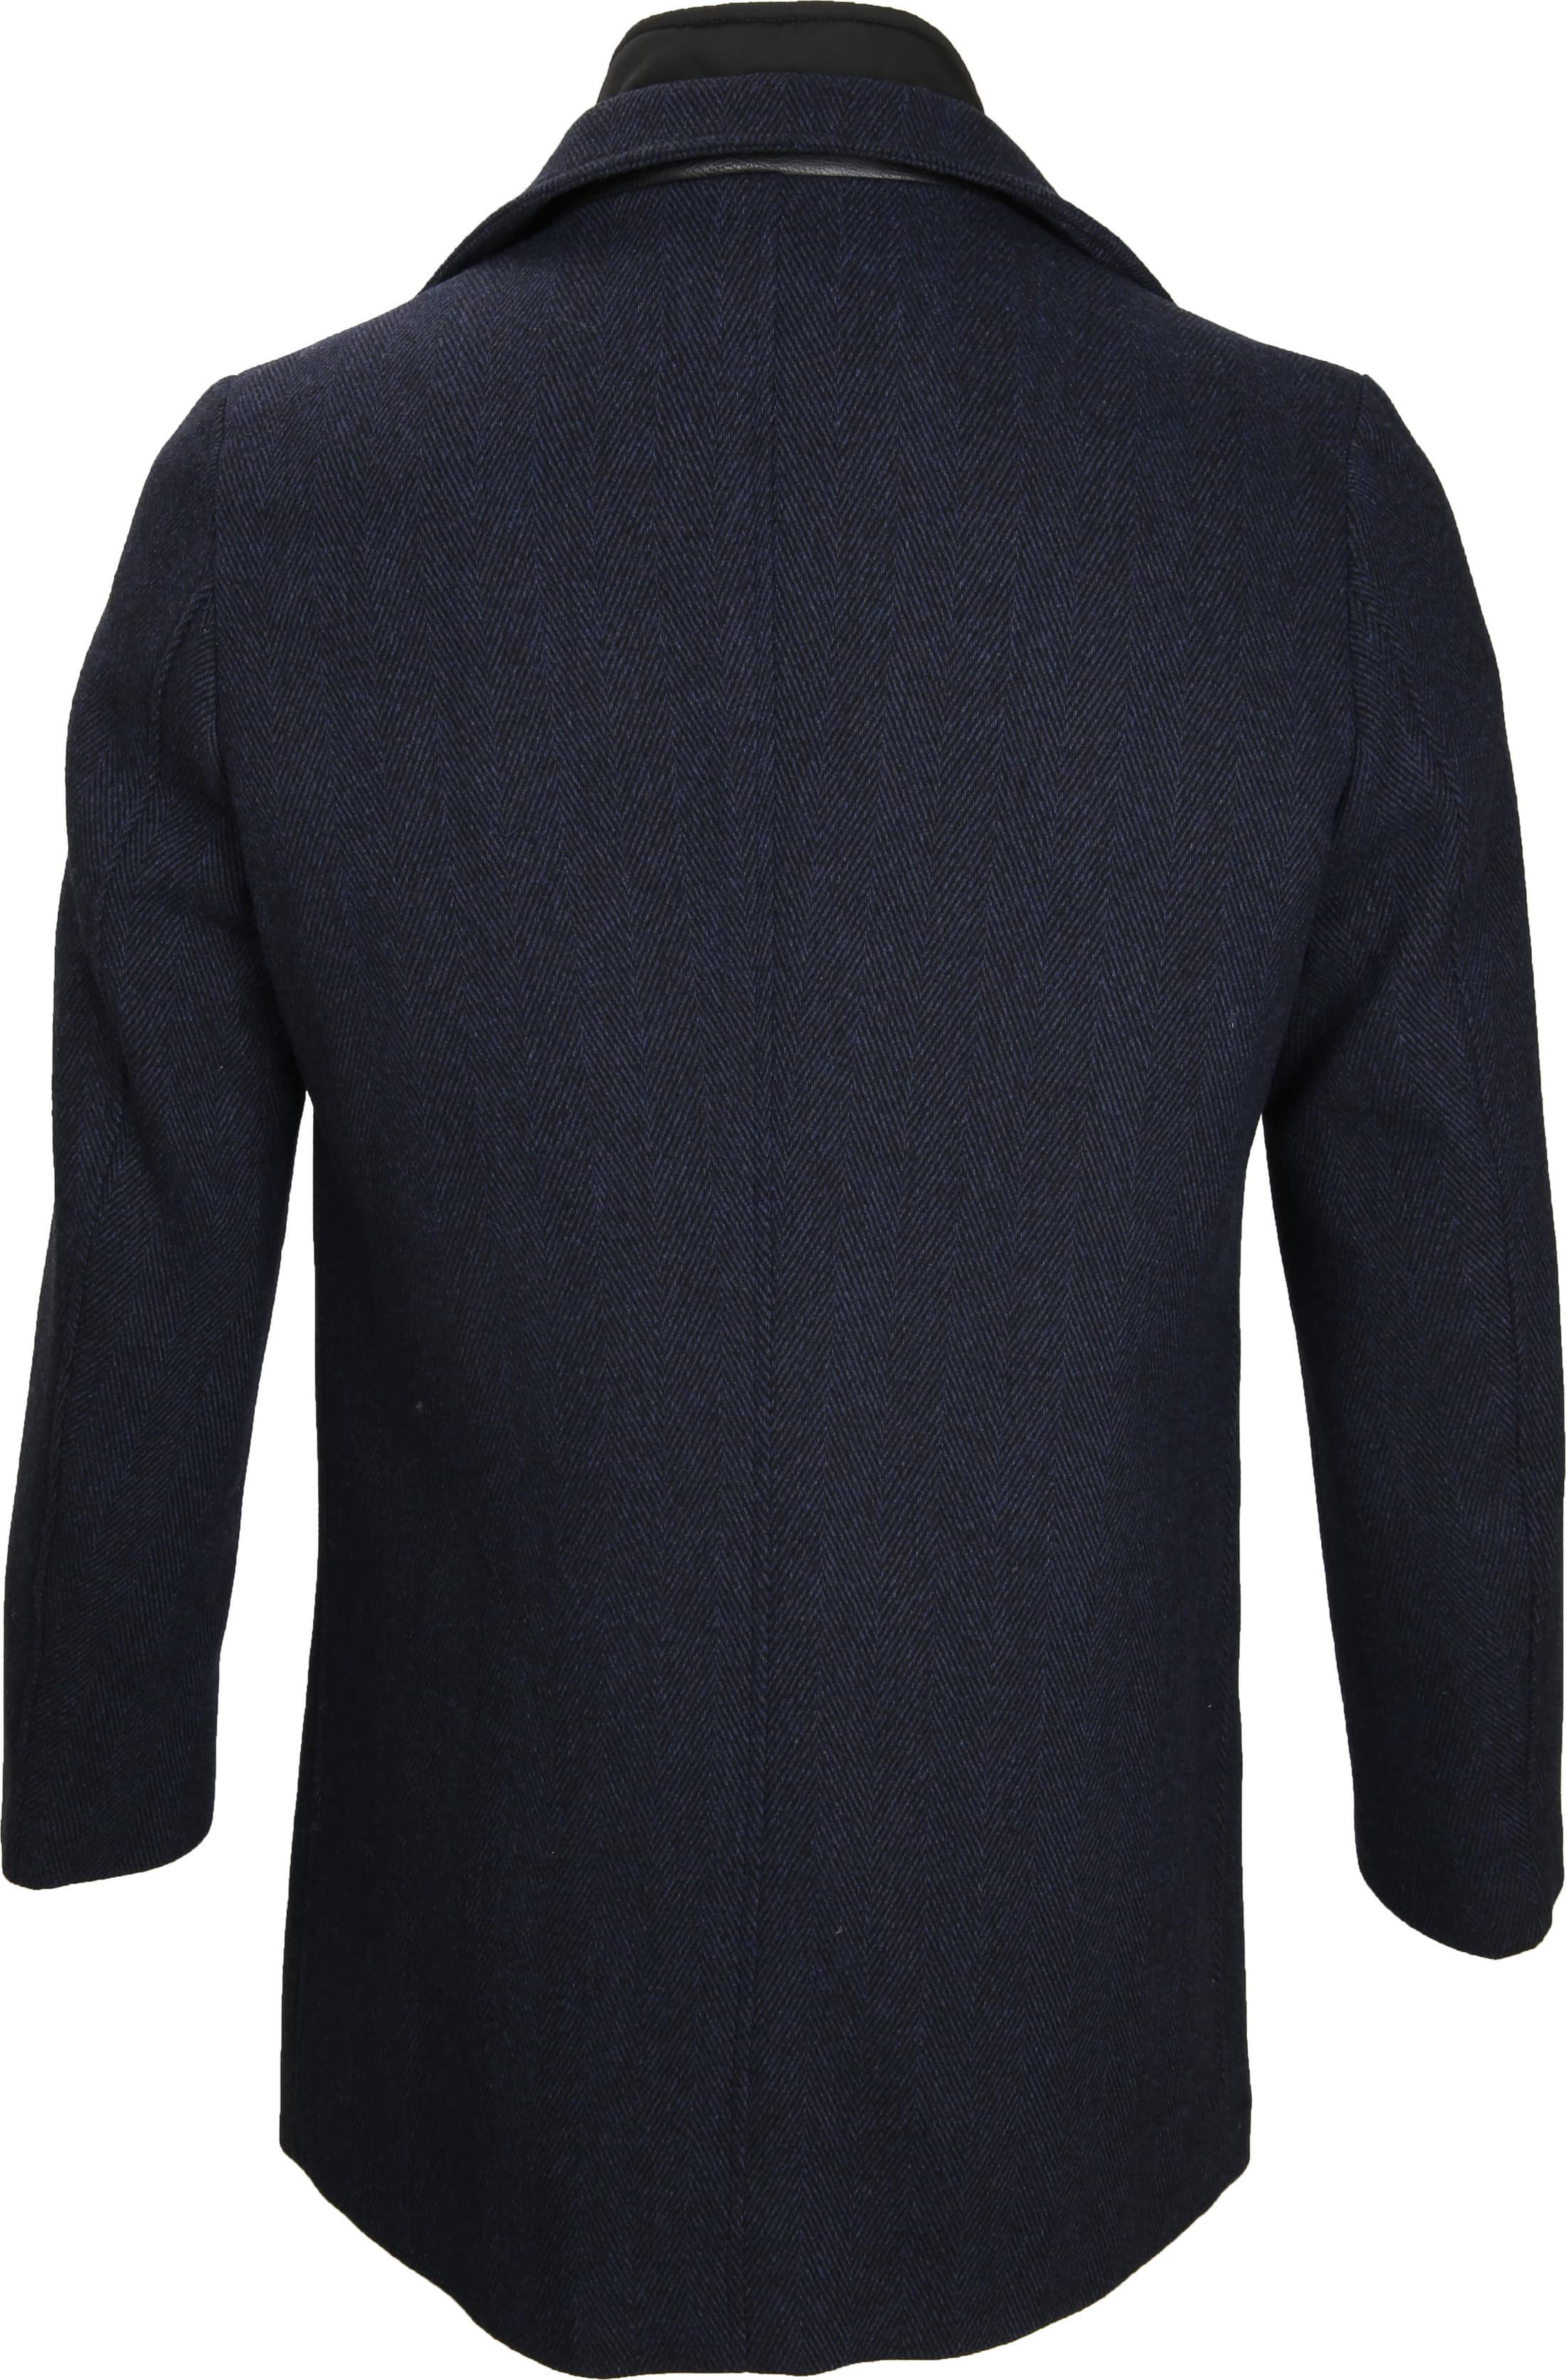 Suitable Coat Geke Inlay Indigo foto 5